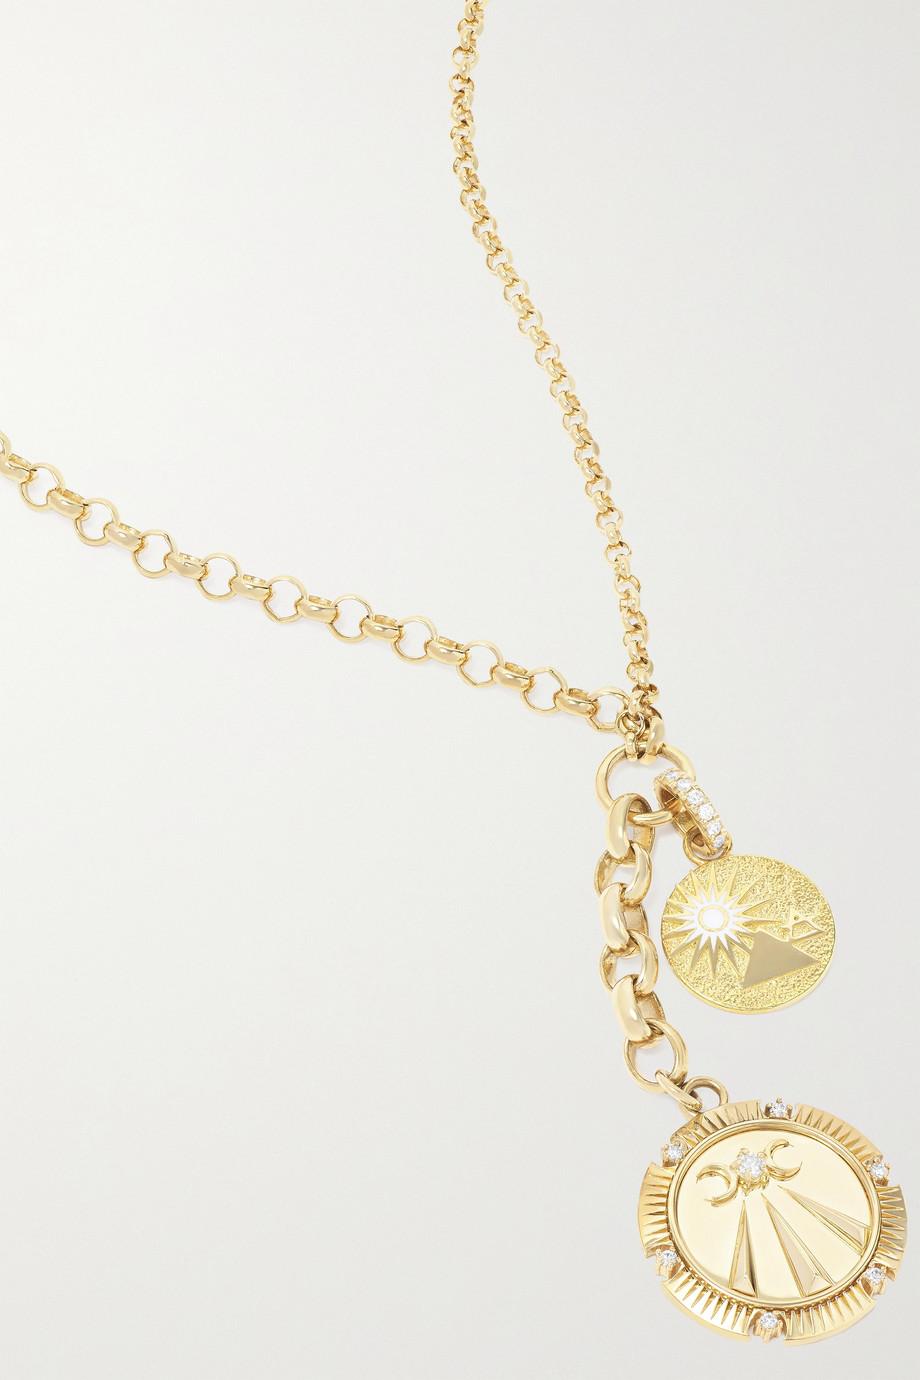 Foundrae Mind Body Soul and Balance Kette aus 18 Karat Gold mit Emaille und Diamanten